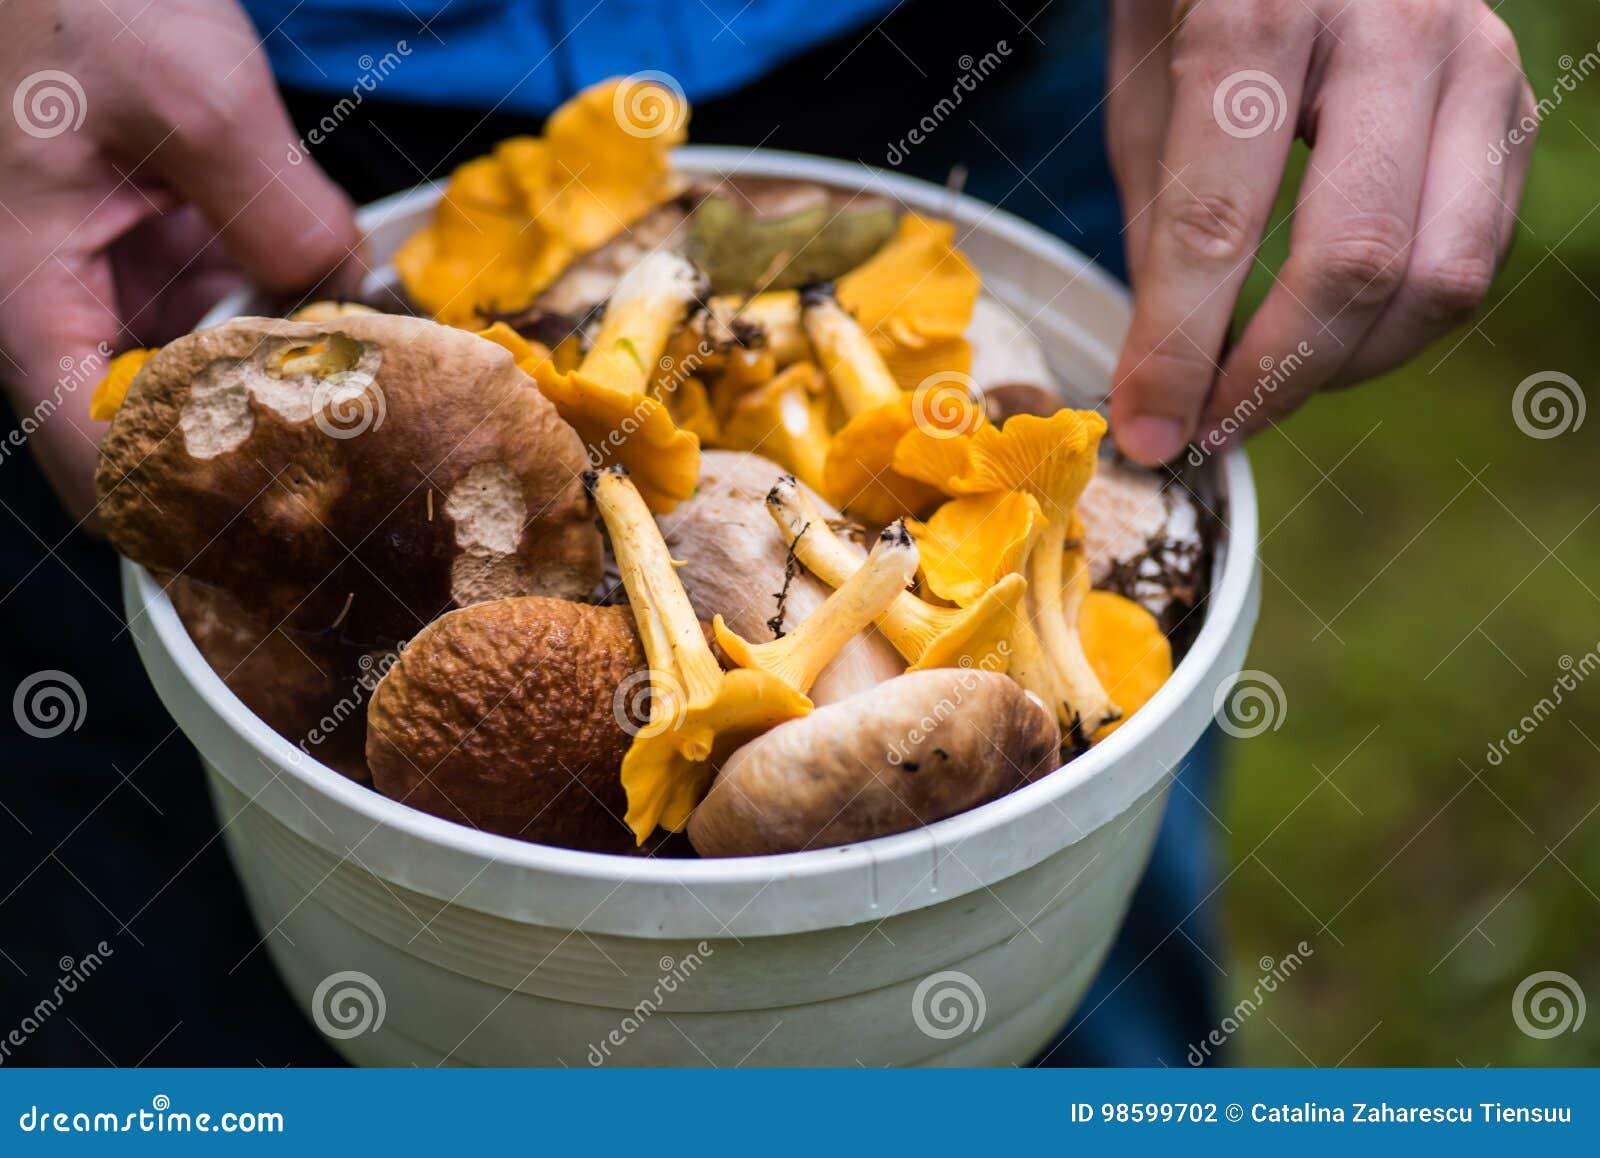 Close up da forragem em uma cubeta completamente dos cogumelos